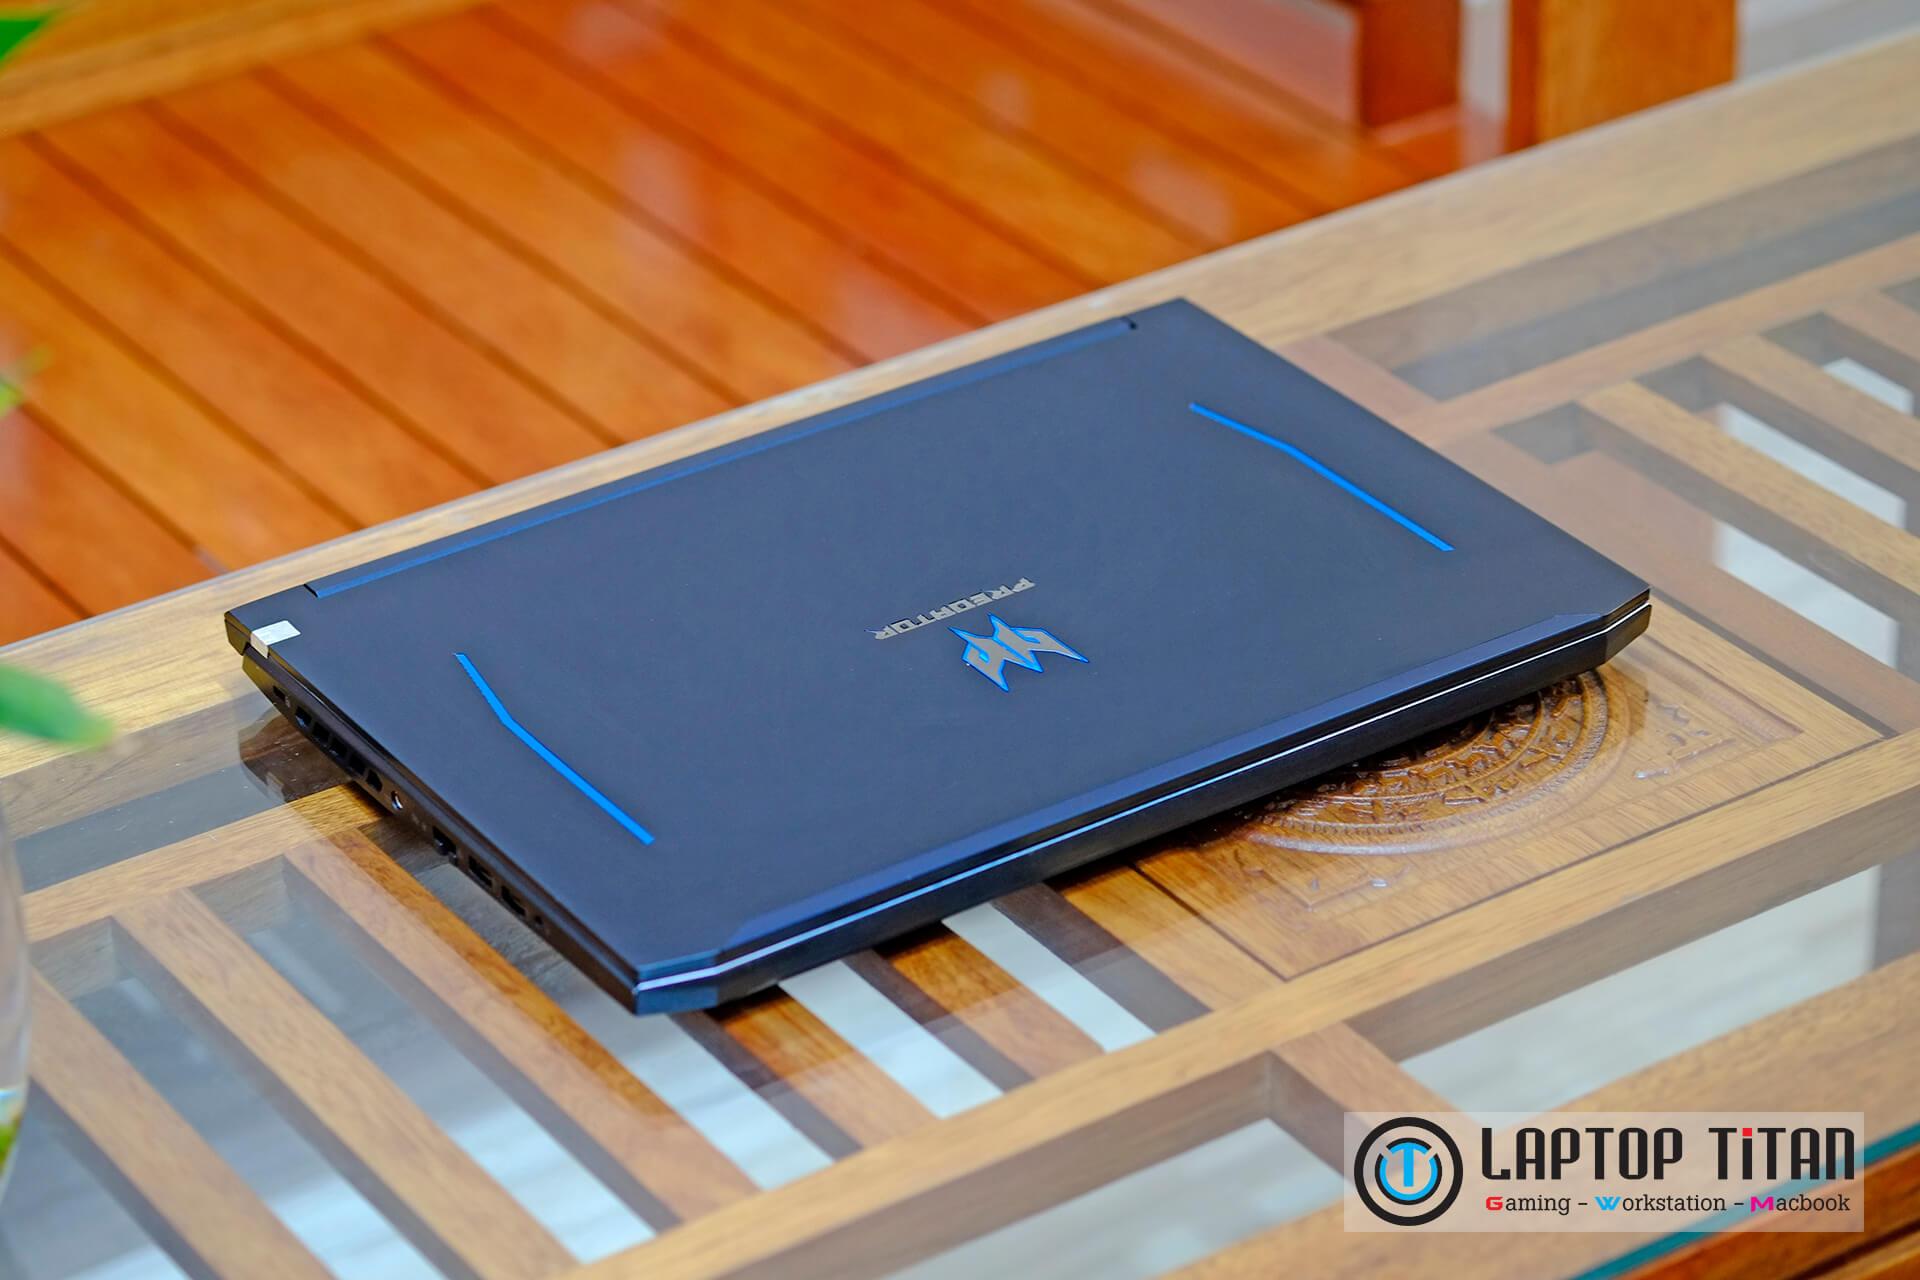 Acer Helios 300 I7 9750H 07